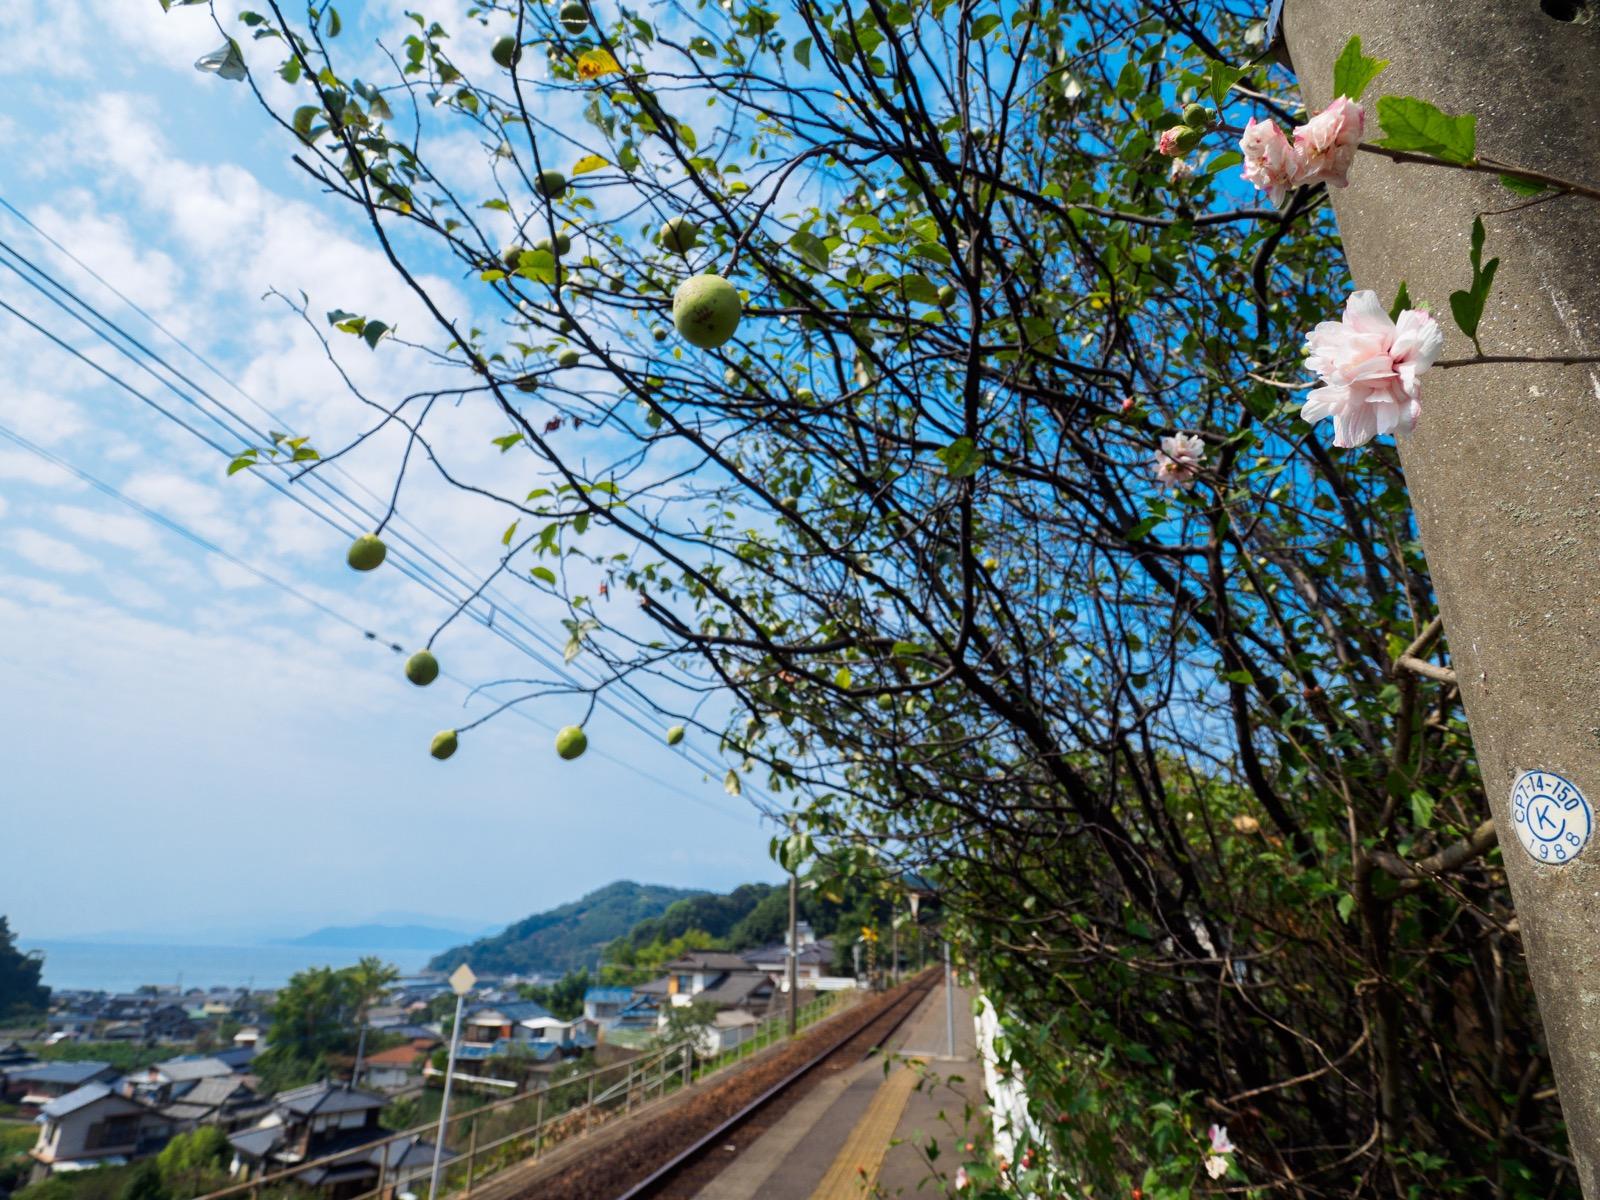 海浦駅のホームで見た木の実と花